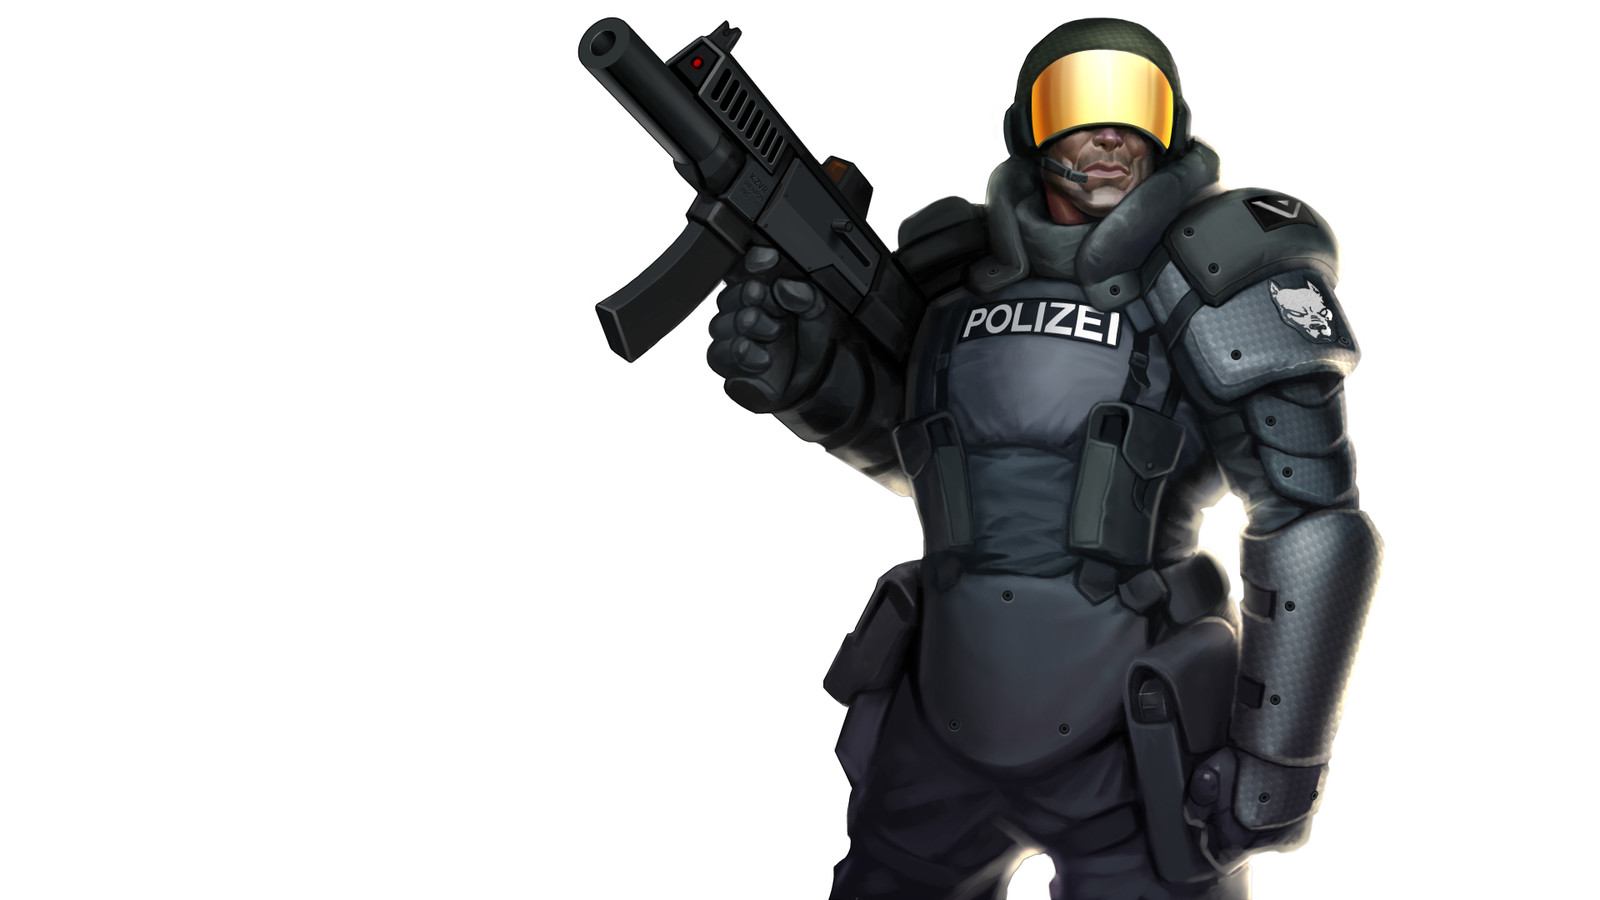 Germany - POLIZEI